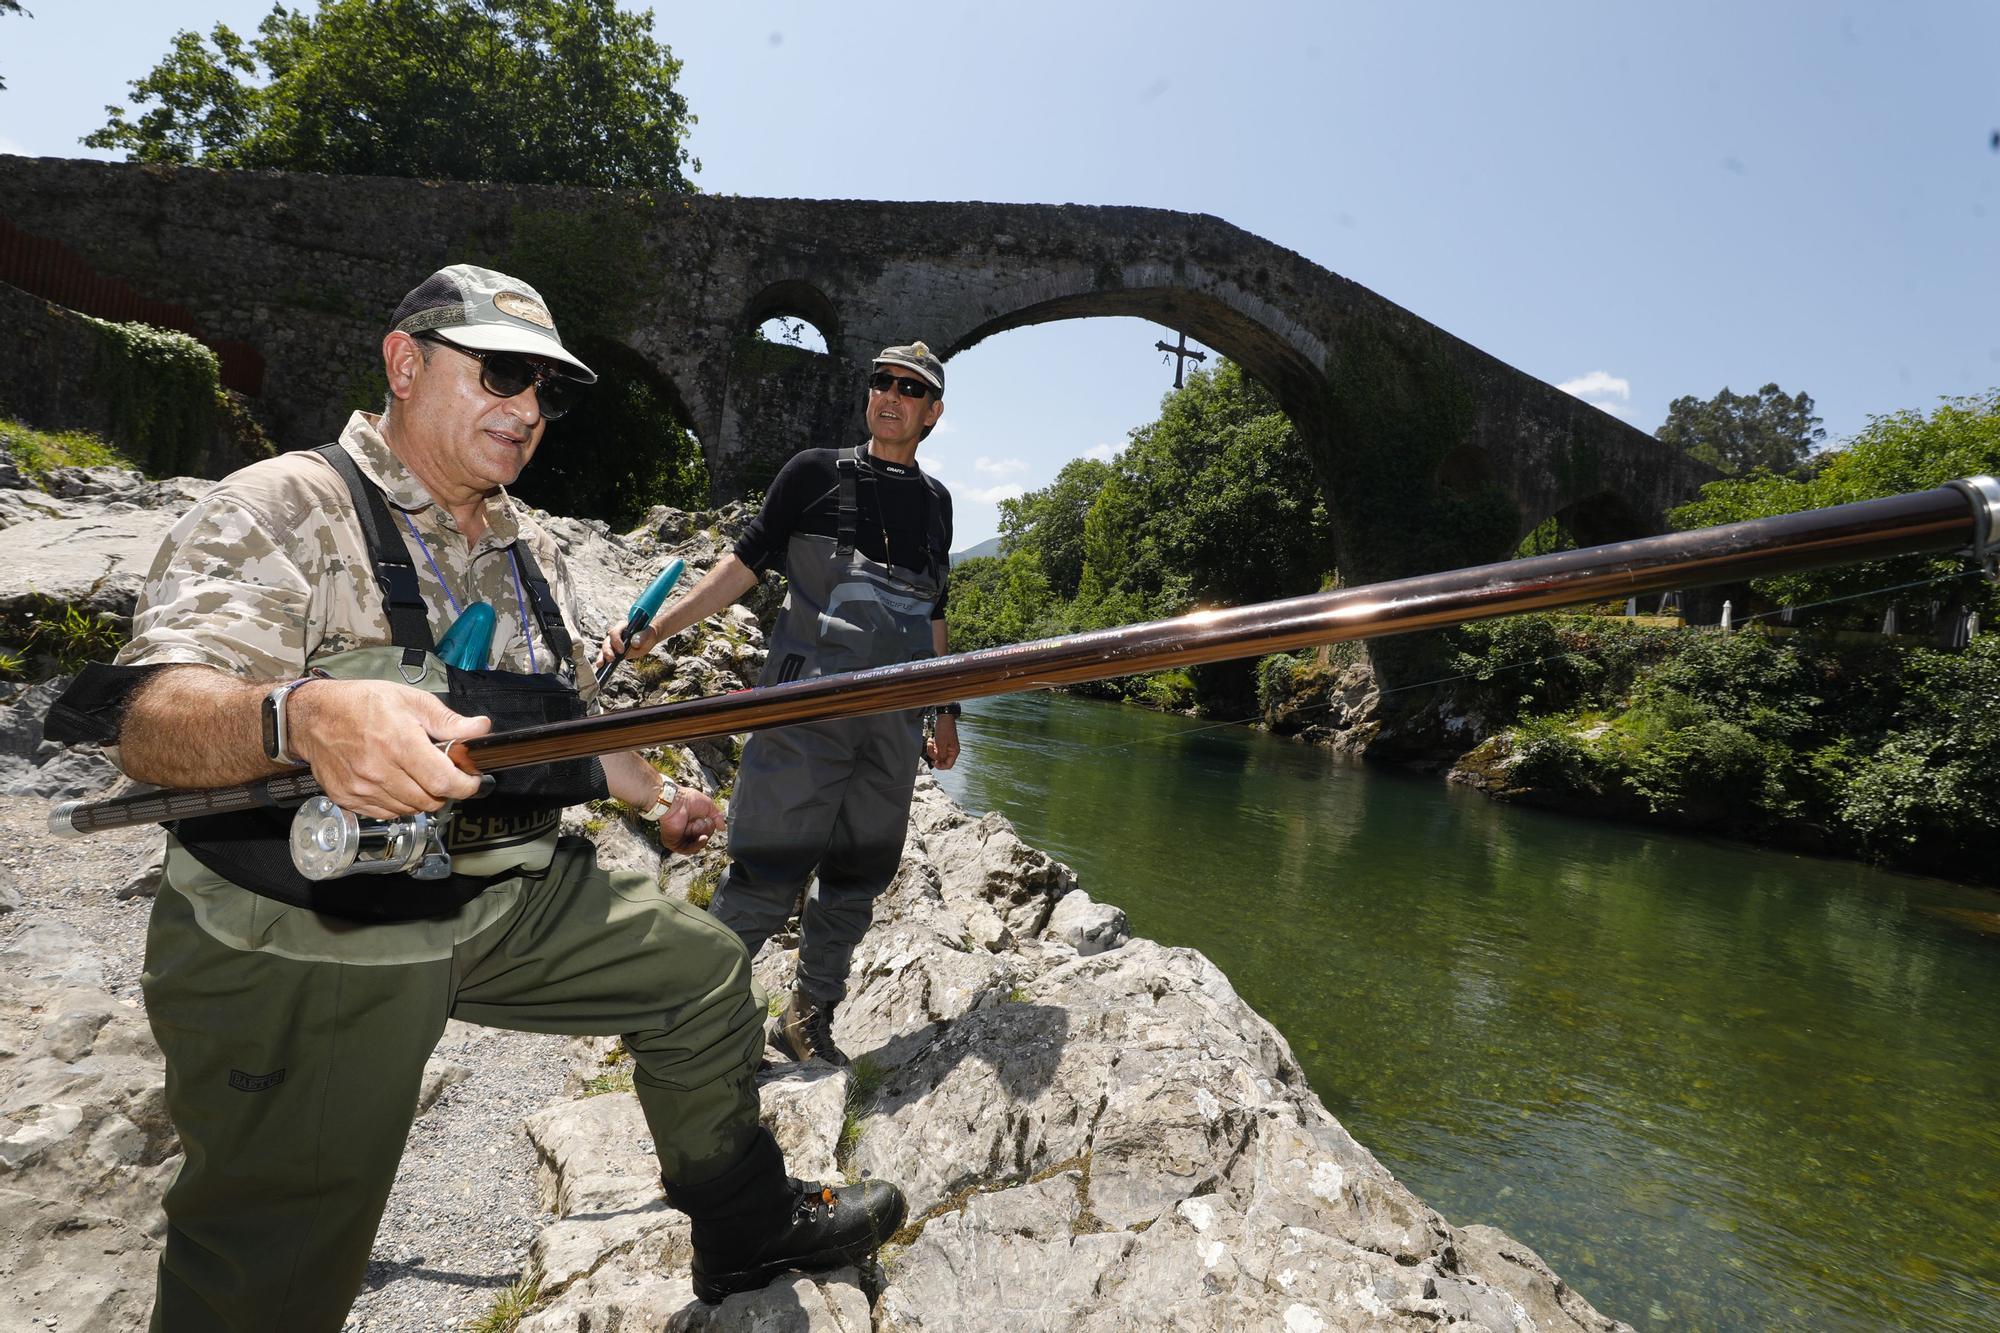 Temporada del salmón en Asturias: último día de pesca con cebo